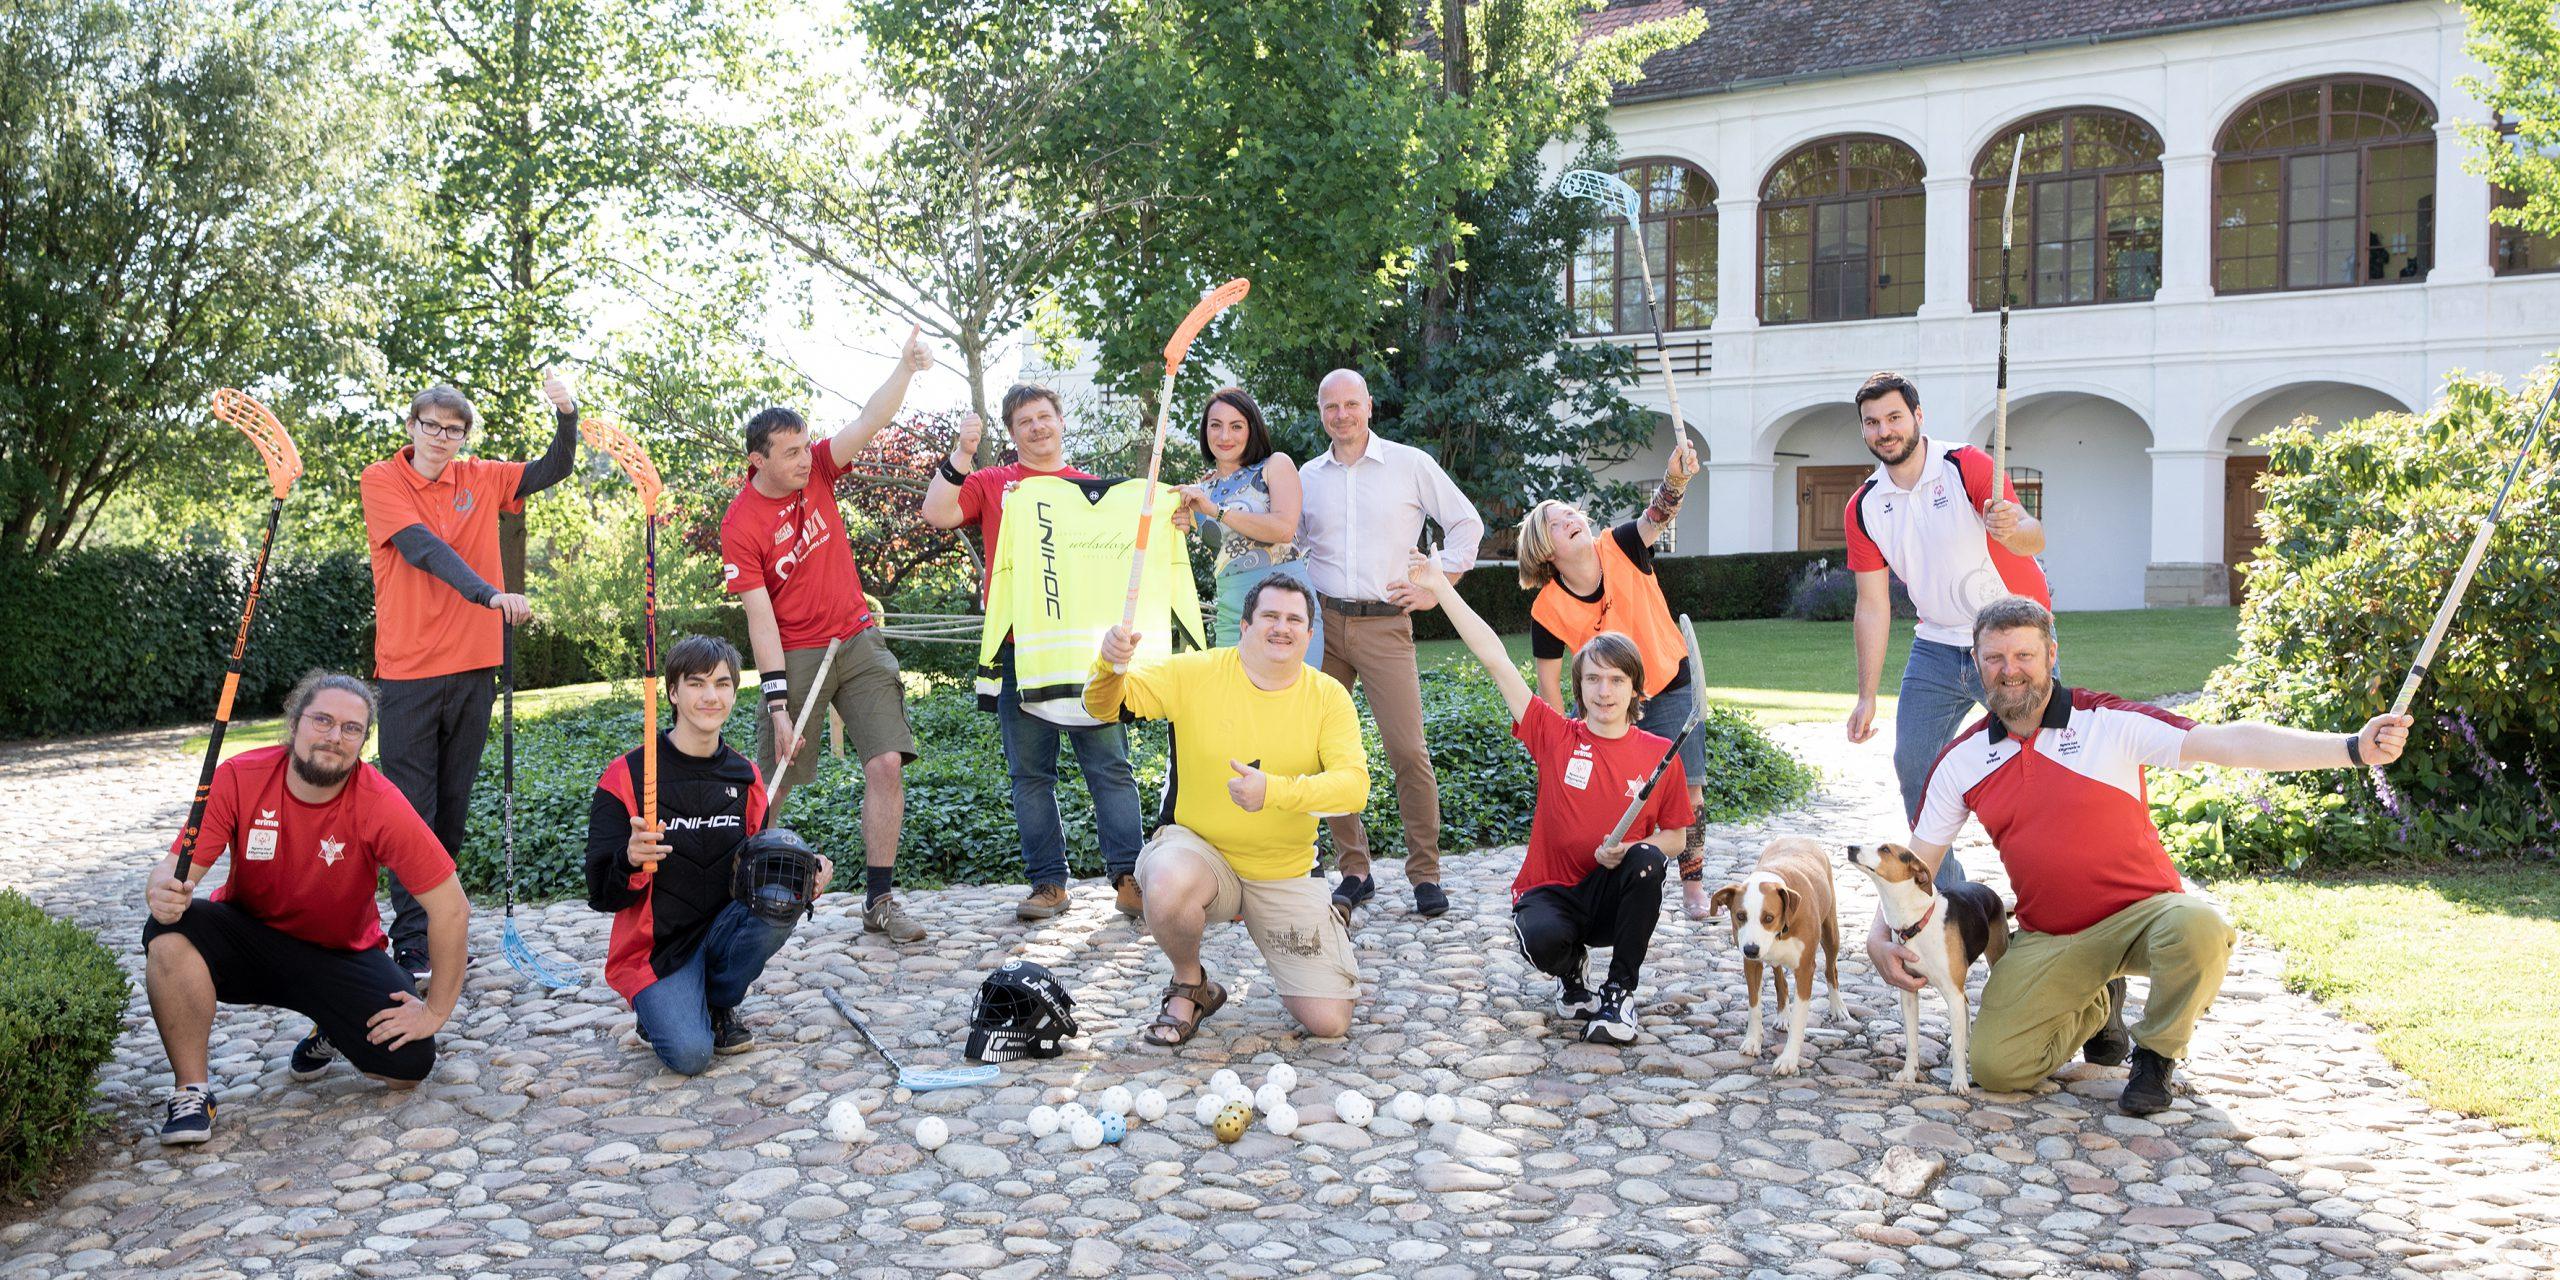 Gruppenfoto 1 von Sarah Raiser